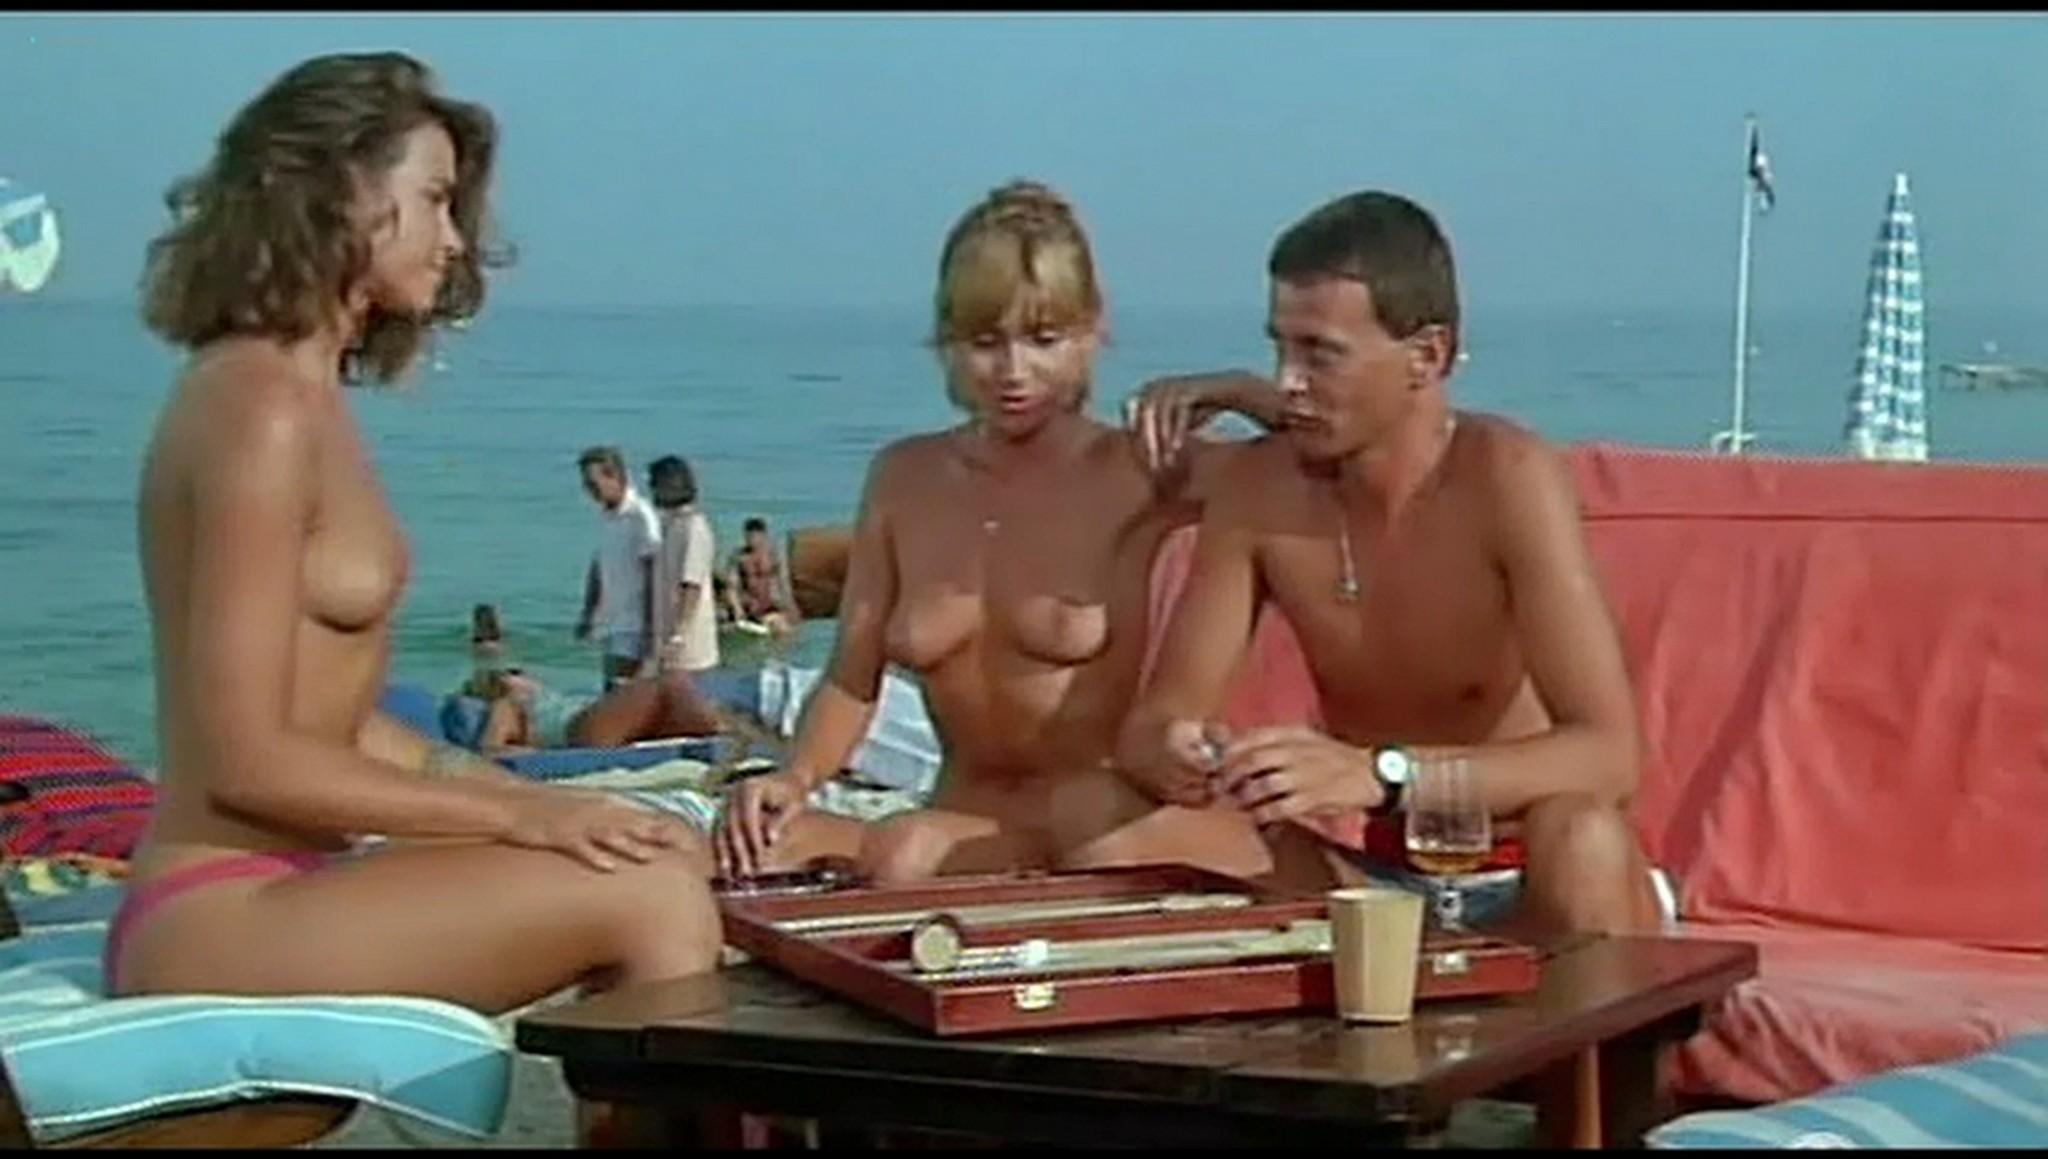 Valerie Kaprisky nude full frontal Caroline Cellier and others nude L annee des meduses 1984 8